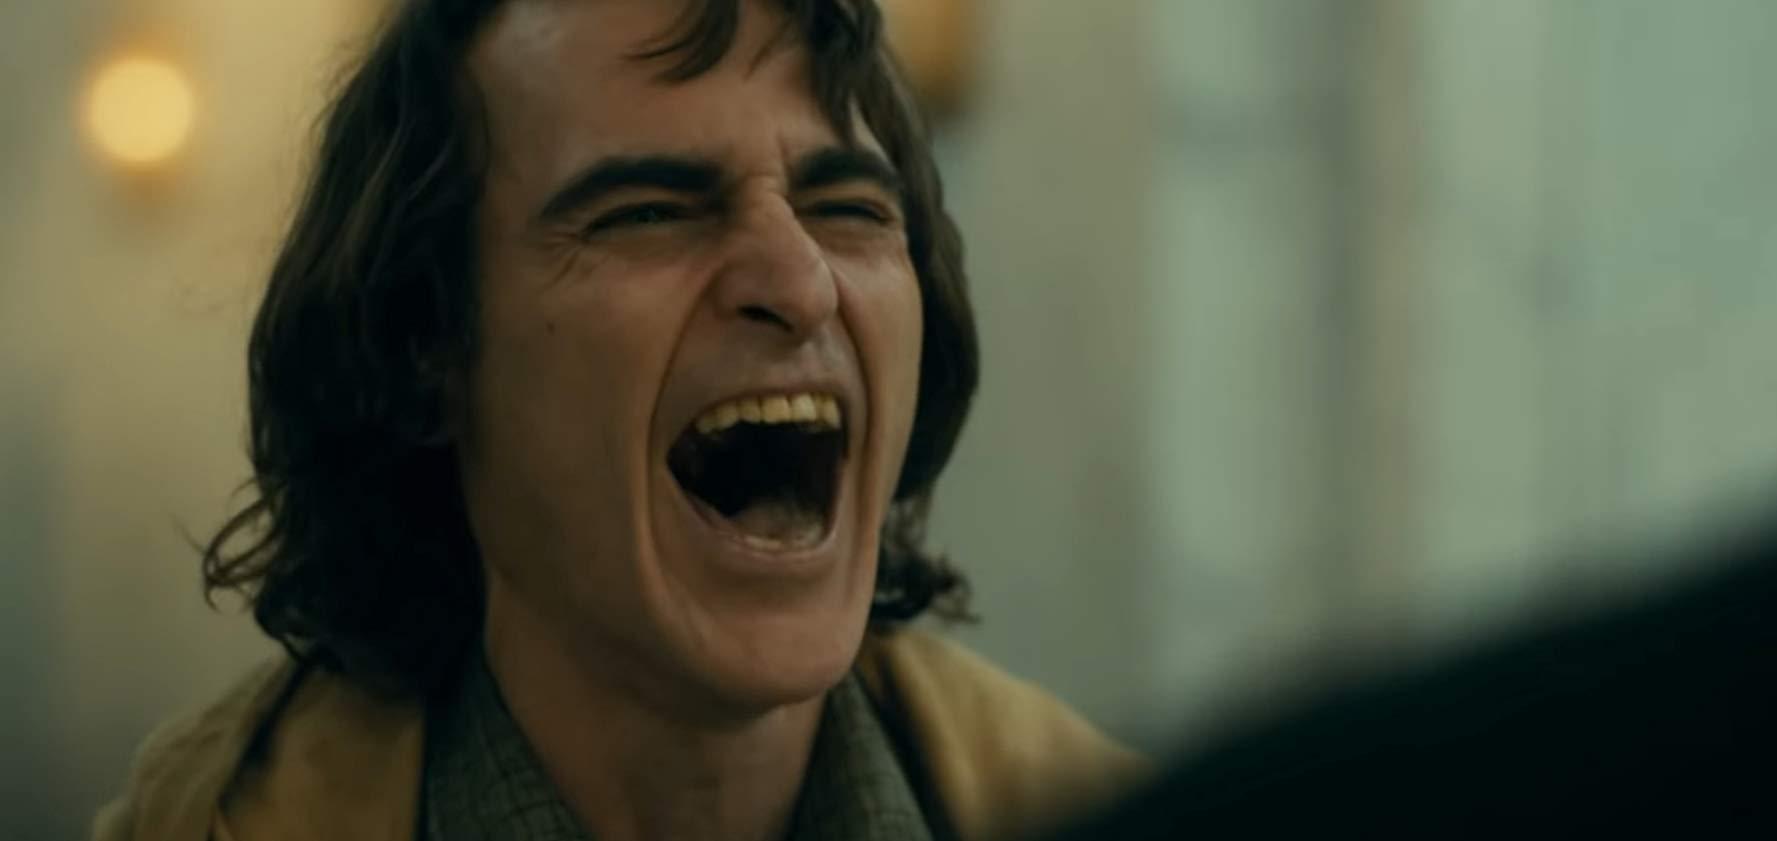 Image Result For De Film Joker